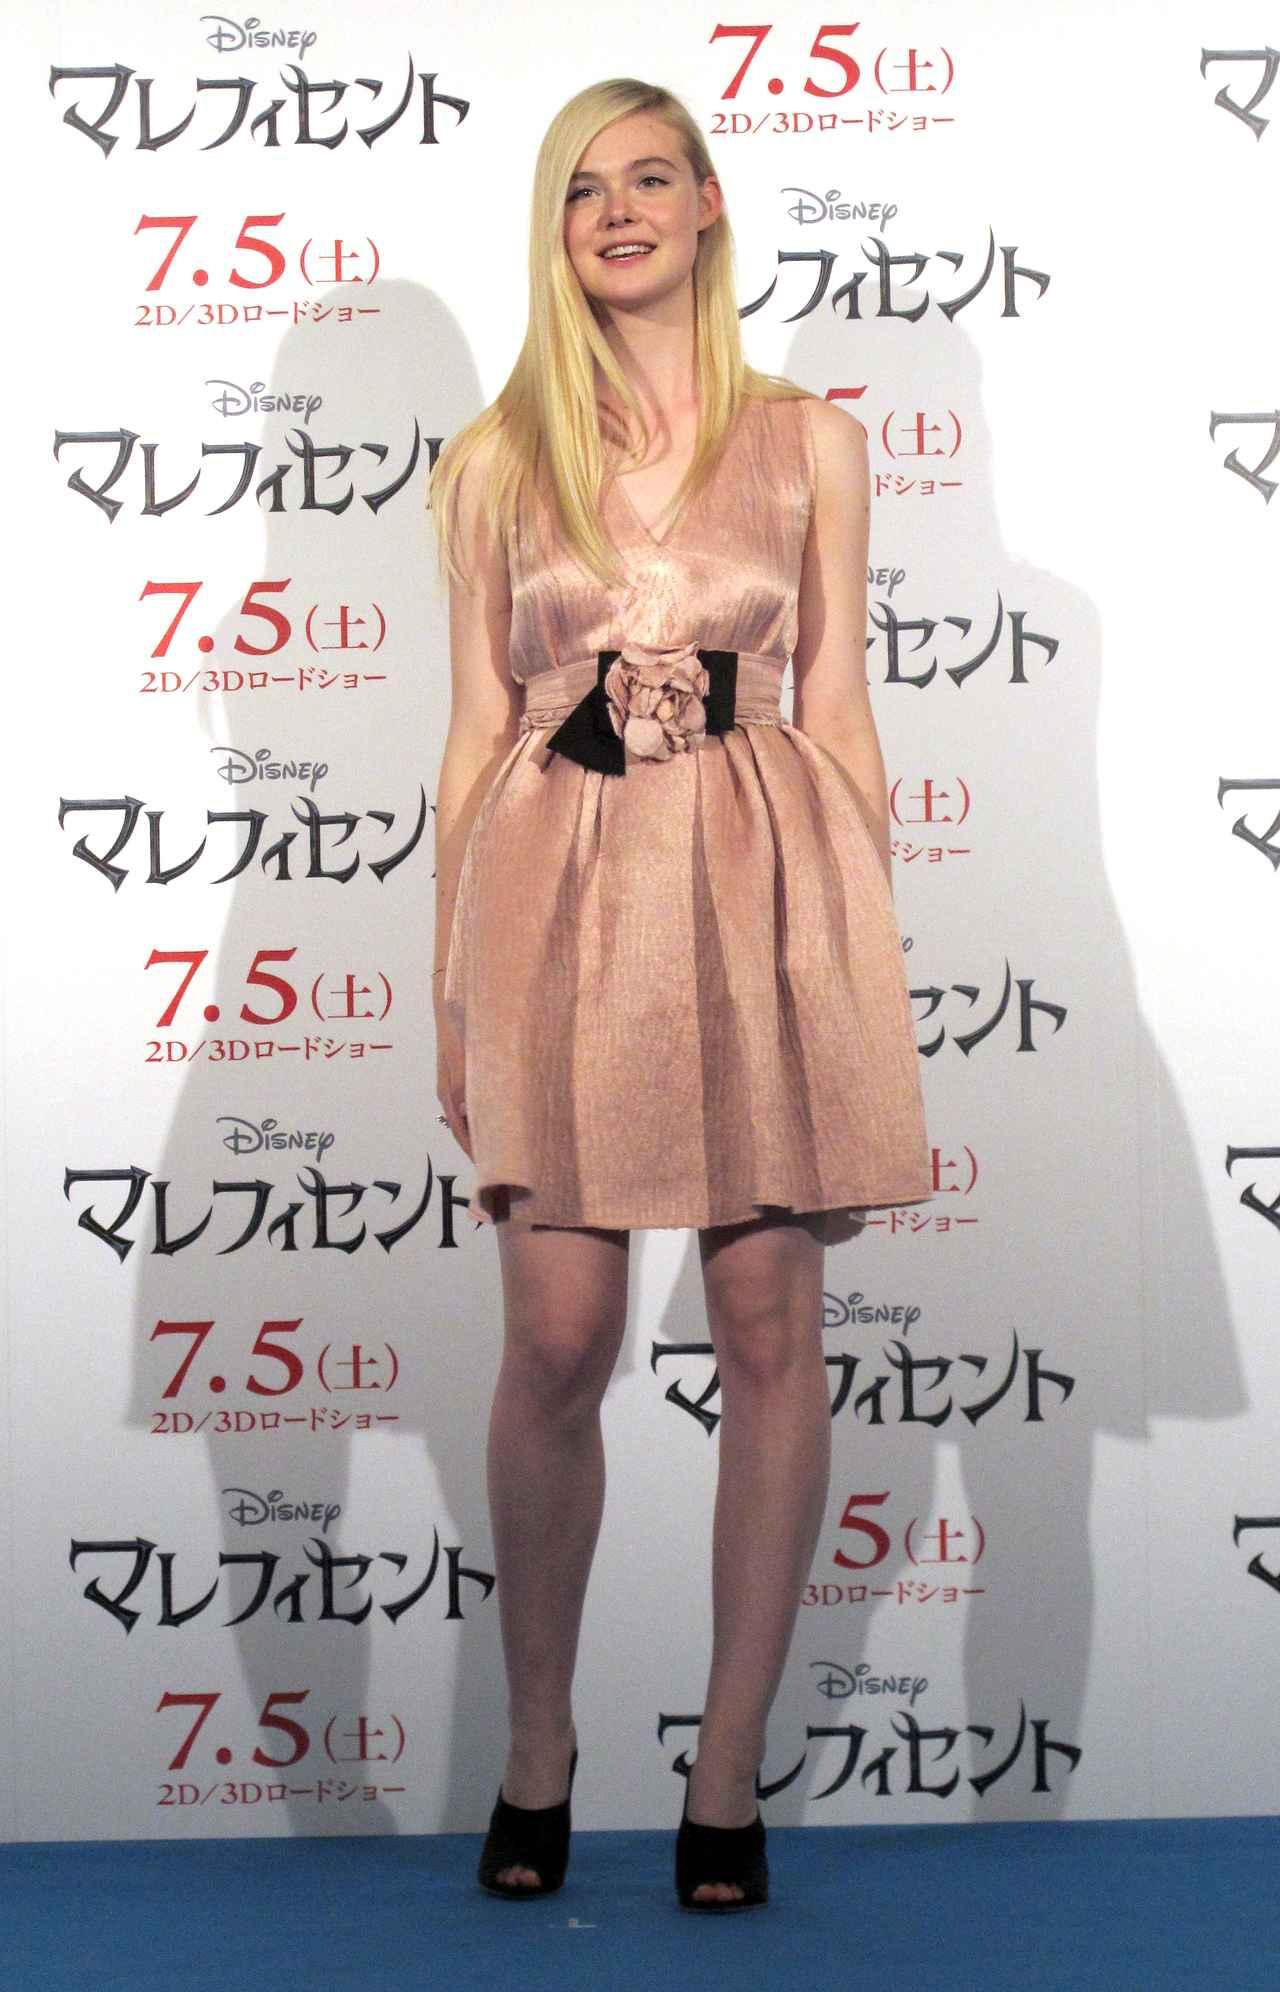 画像: ▲画像は2014年の来日会見にて。オーロラ姫さながらの明るく溌剌としたエルに、報道陣もメロメロになっていた。彼女の性格のよさは、一緒に来日した主演のアンジェリーナ・ジョリーも太鼓判を押す(Stereo Sound ONLINE)